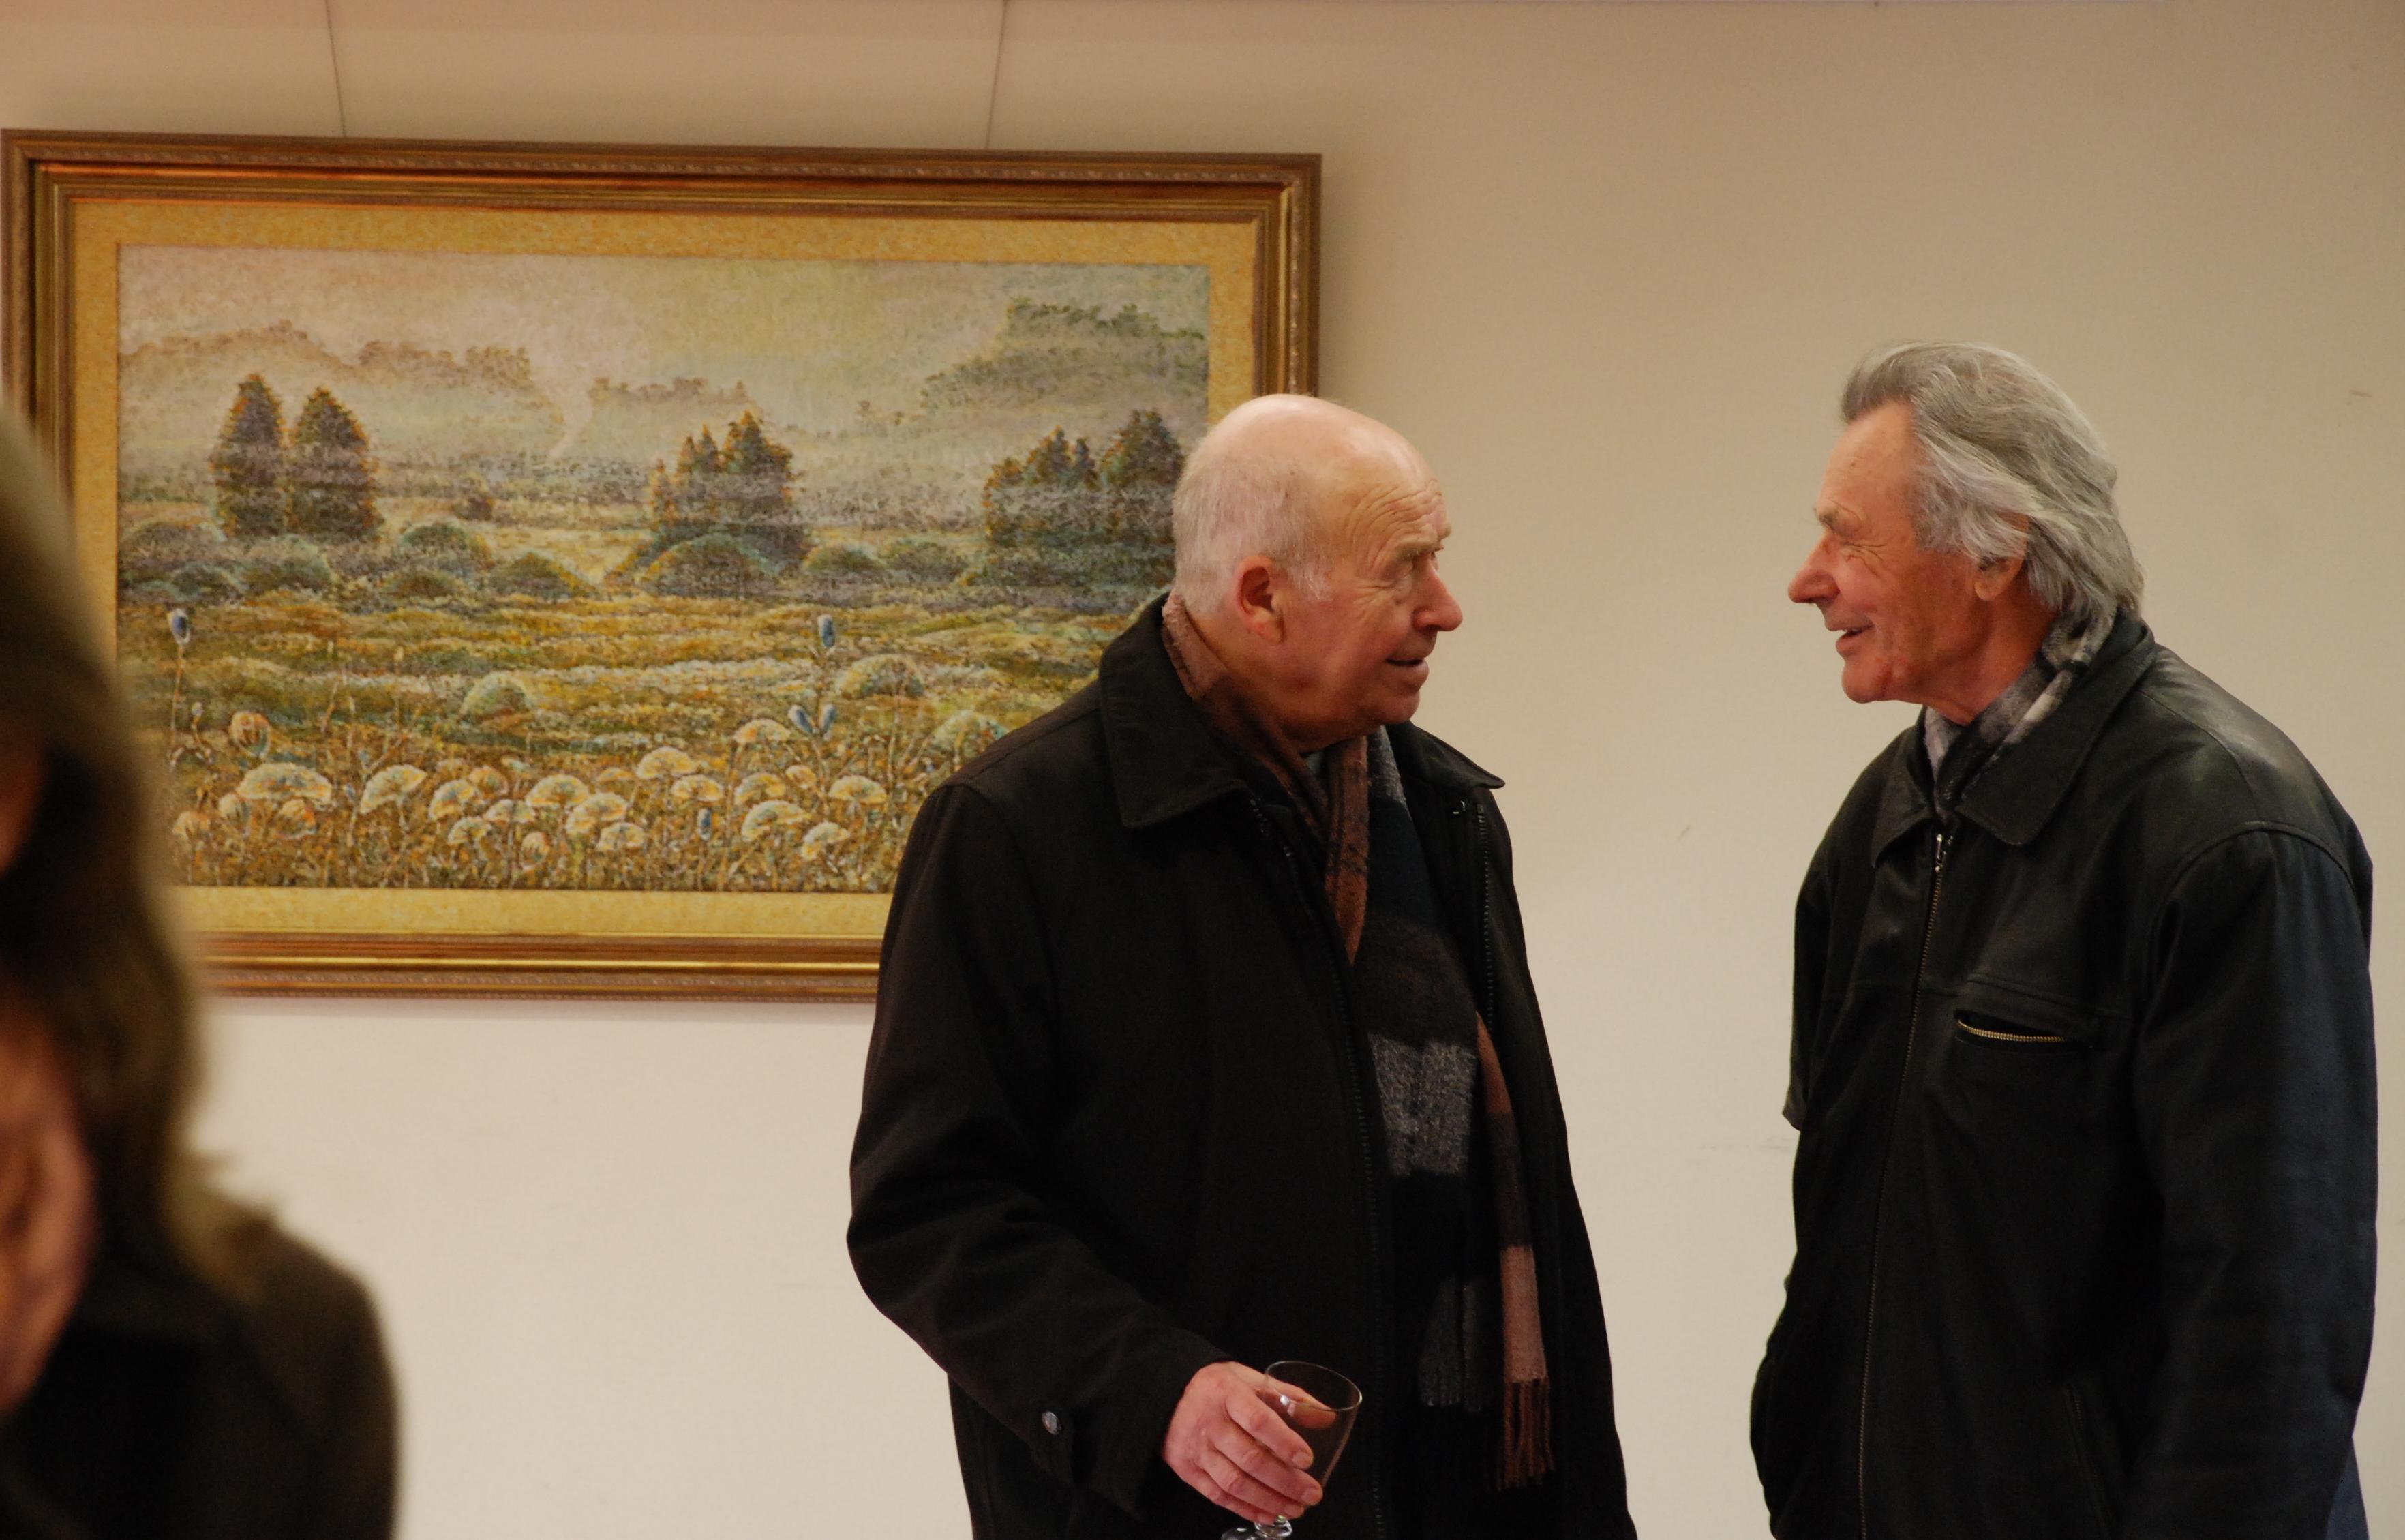 Eurikos Urbonaviciutes tapybos paroda 2012 m (6)